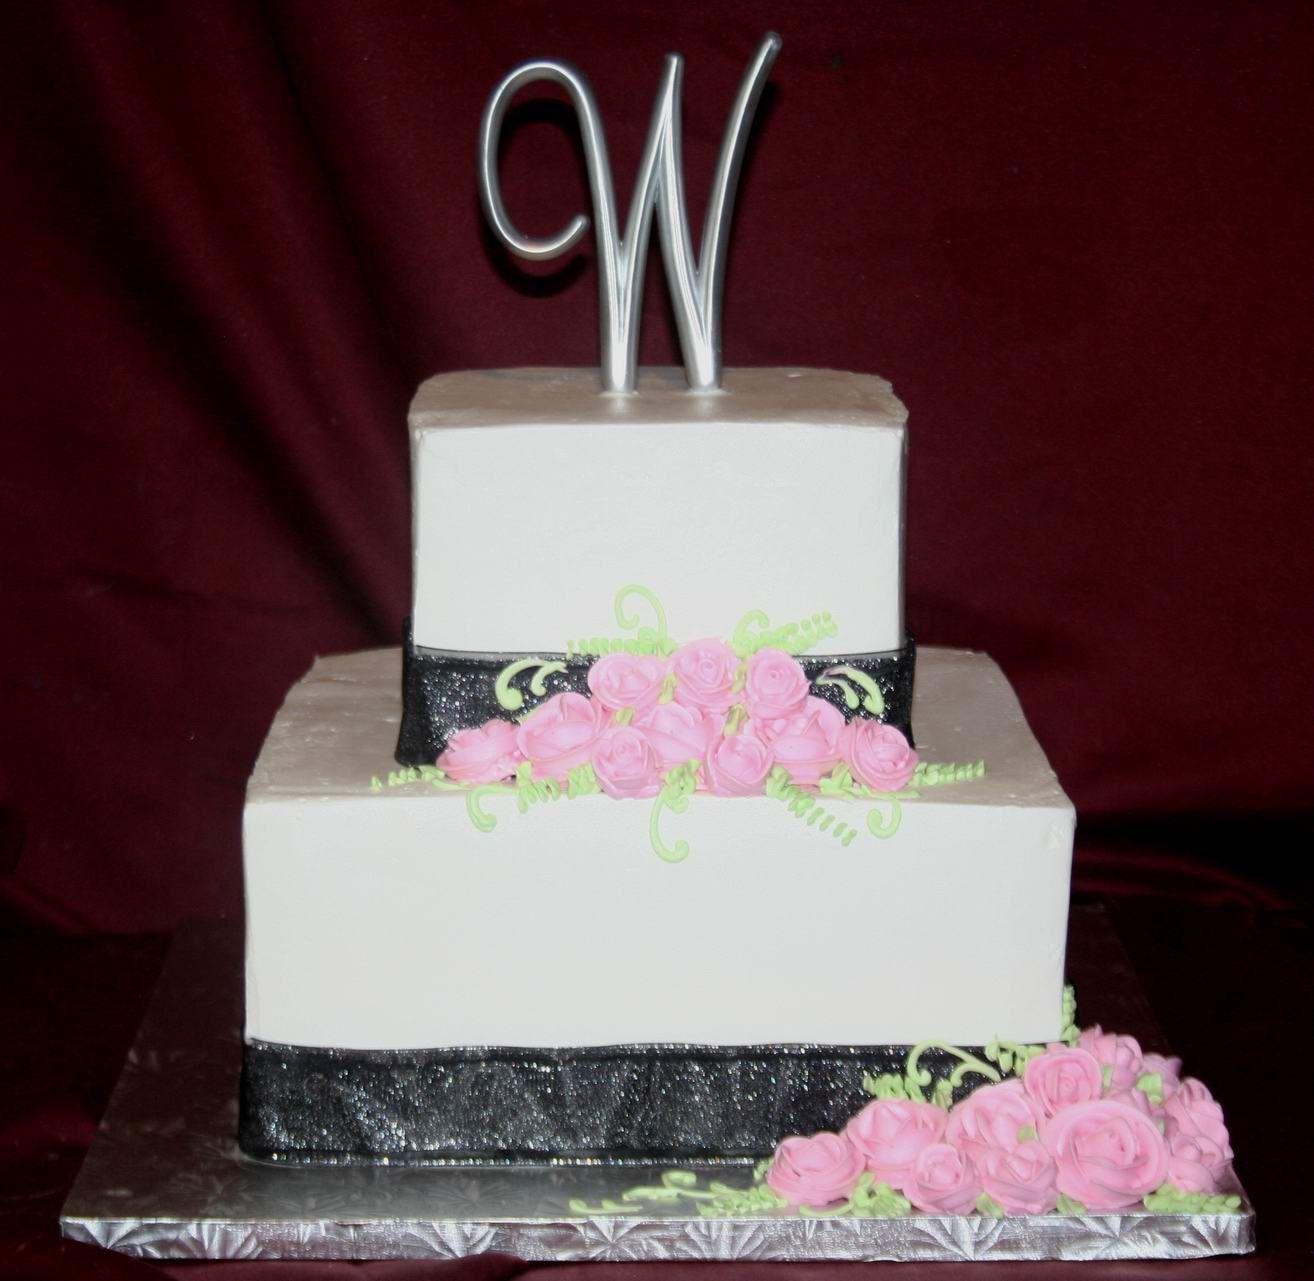 Lovely 3 Tier Buttercream Wedding Cake Mariannewhite: Lovely 3 Tier Square Wedding Cake